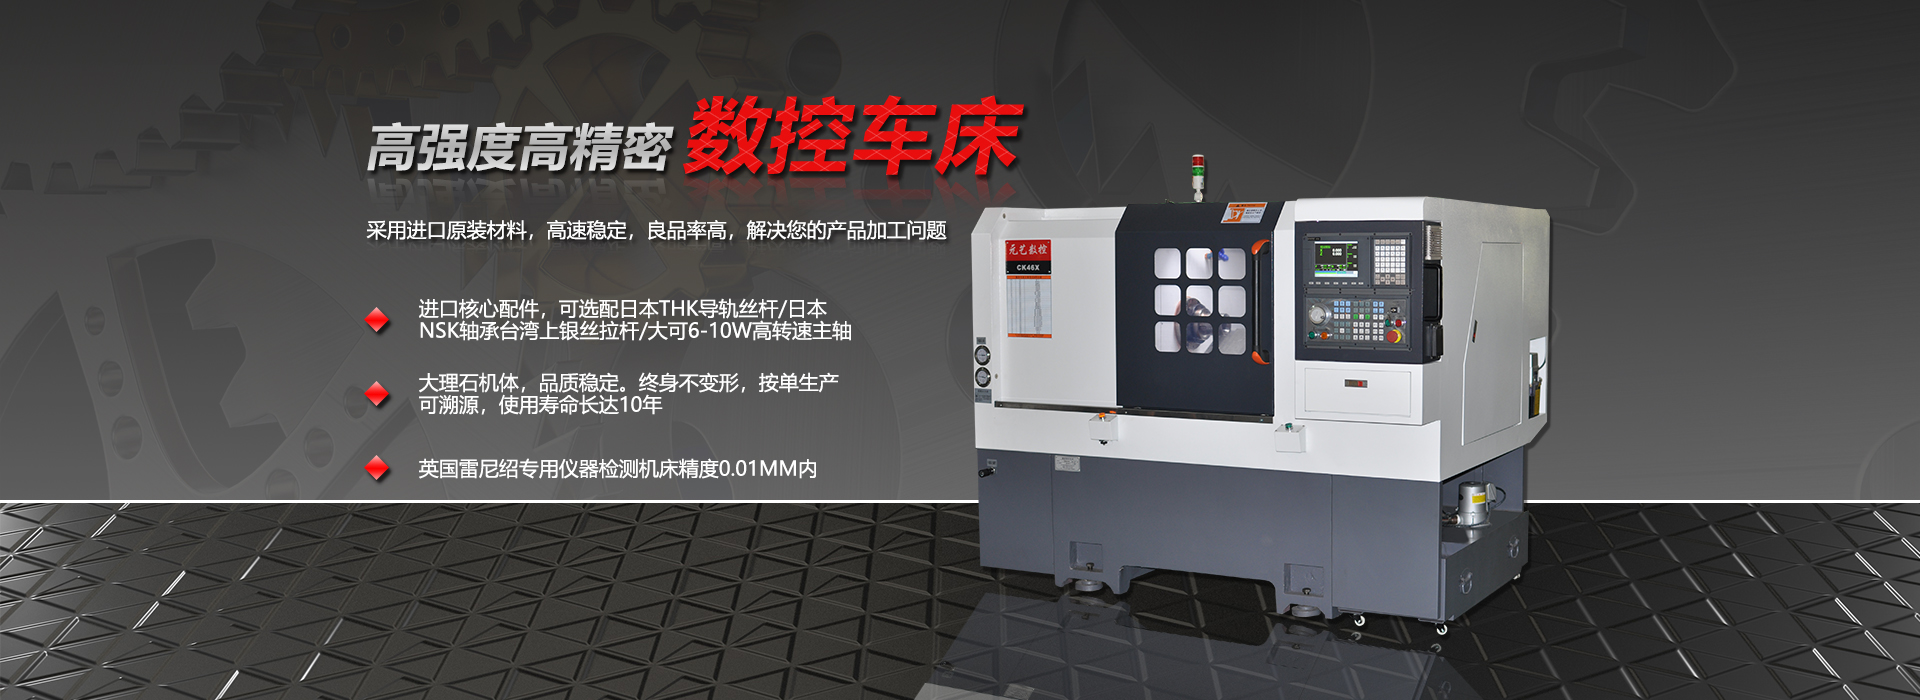 廣東數控車床廠家來教你數控車床接通電源怎樣去調整方法